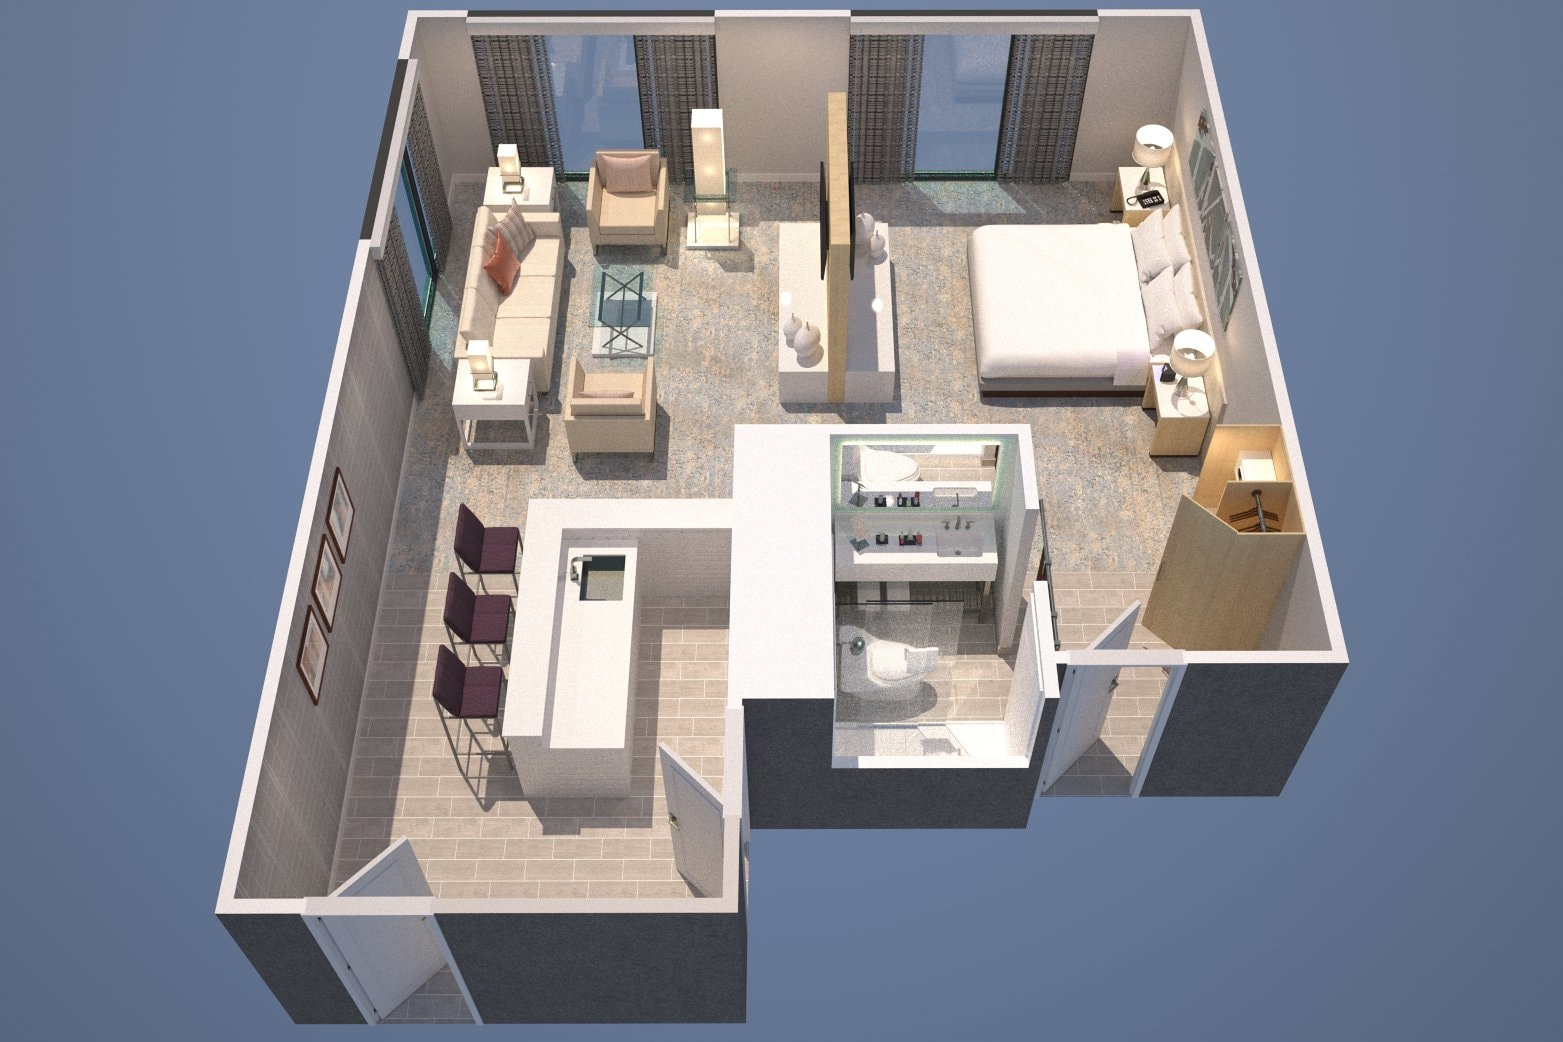 Grundriss einer Living-Suite